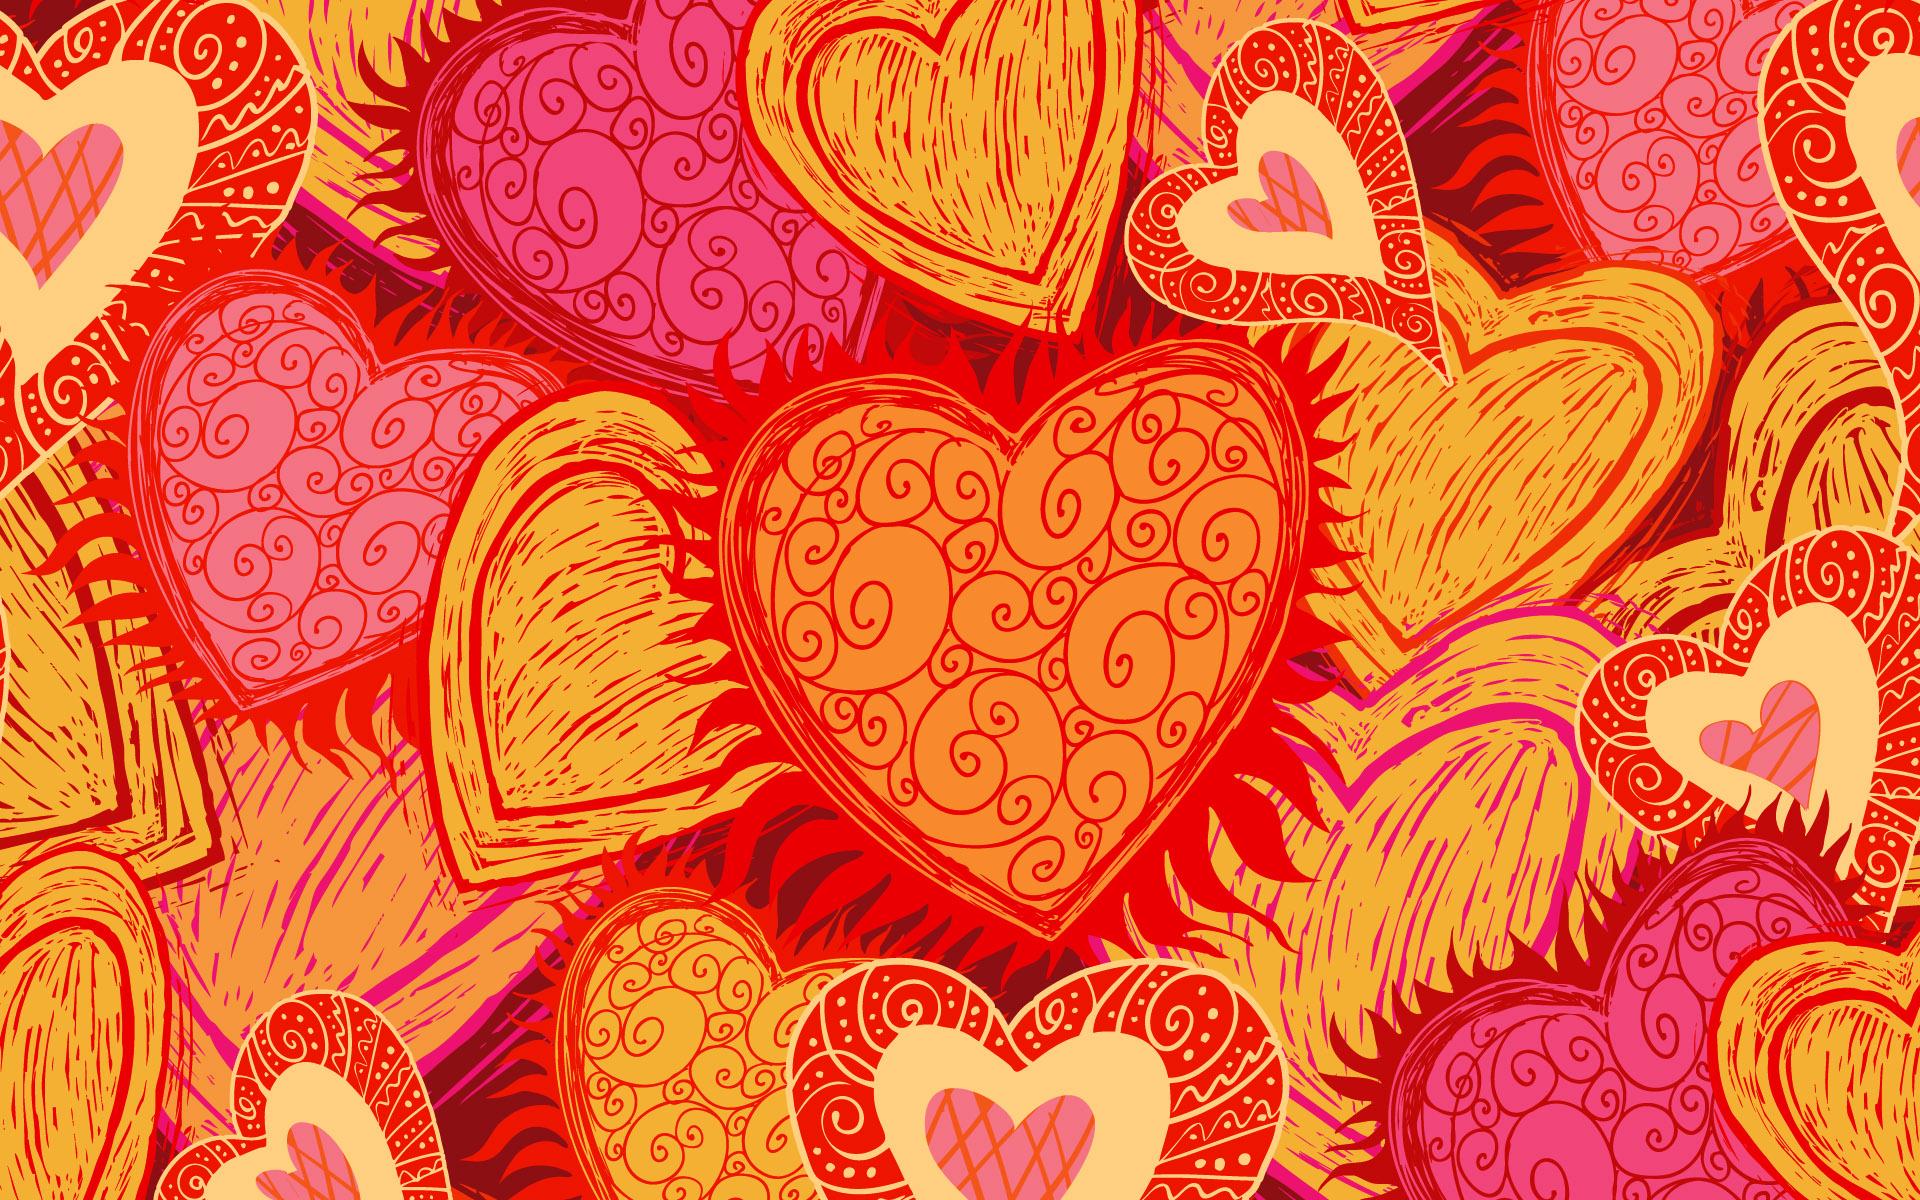 Картинки к дню влюбленных в высоком разрешении, для телеграмма